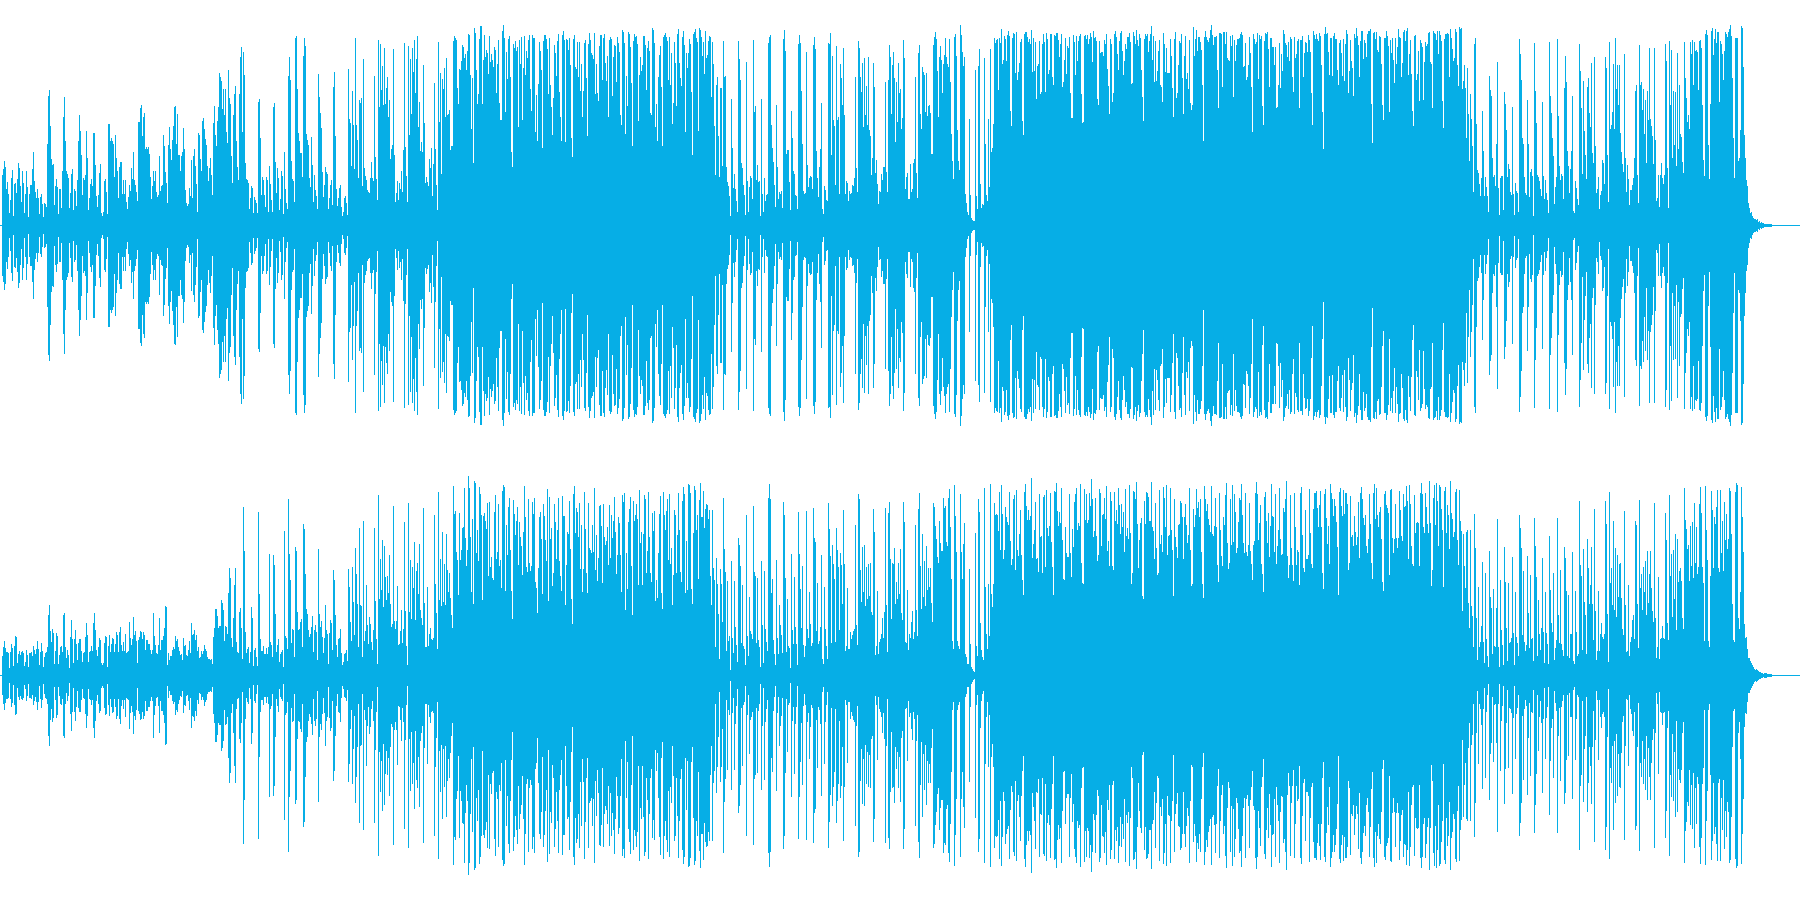 軽快な面白みのあるメルヘンな音楽の再生済みの波形